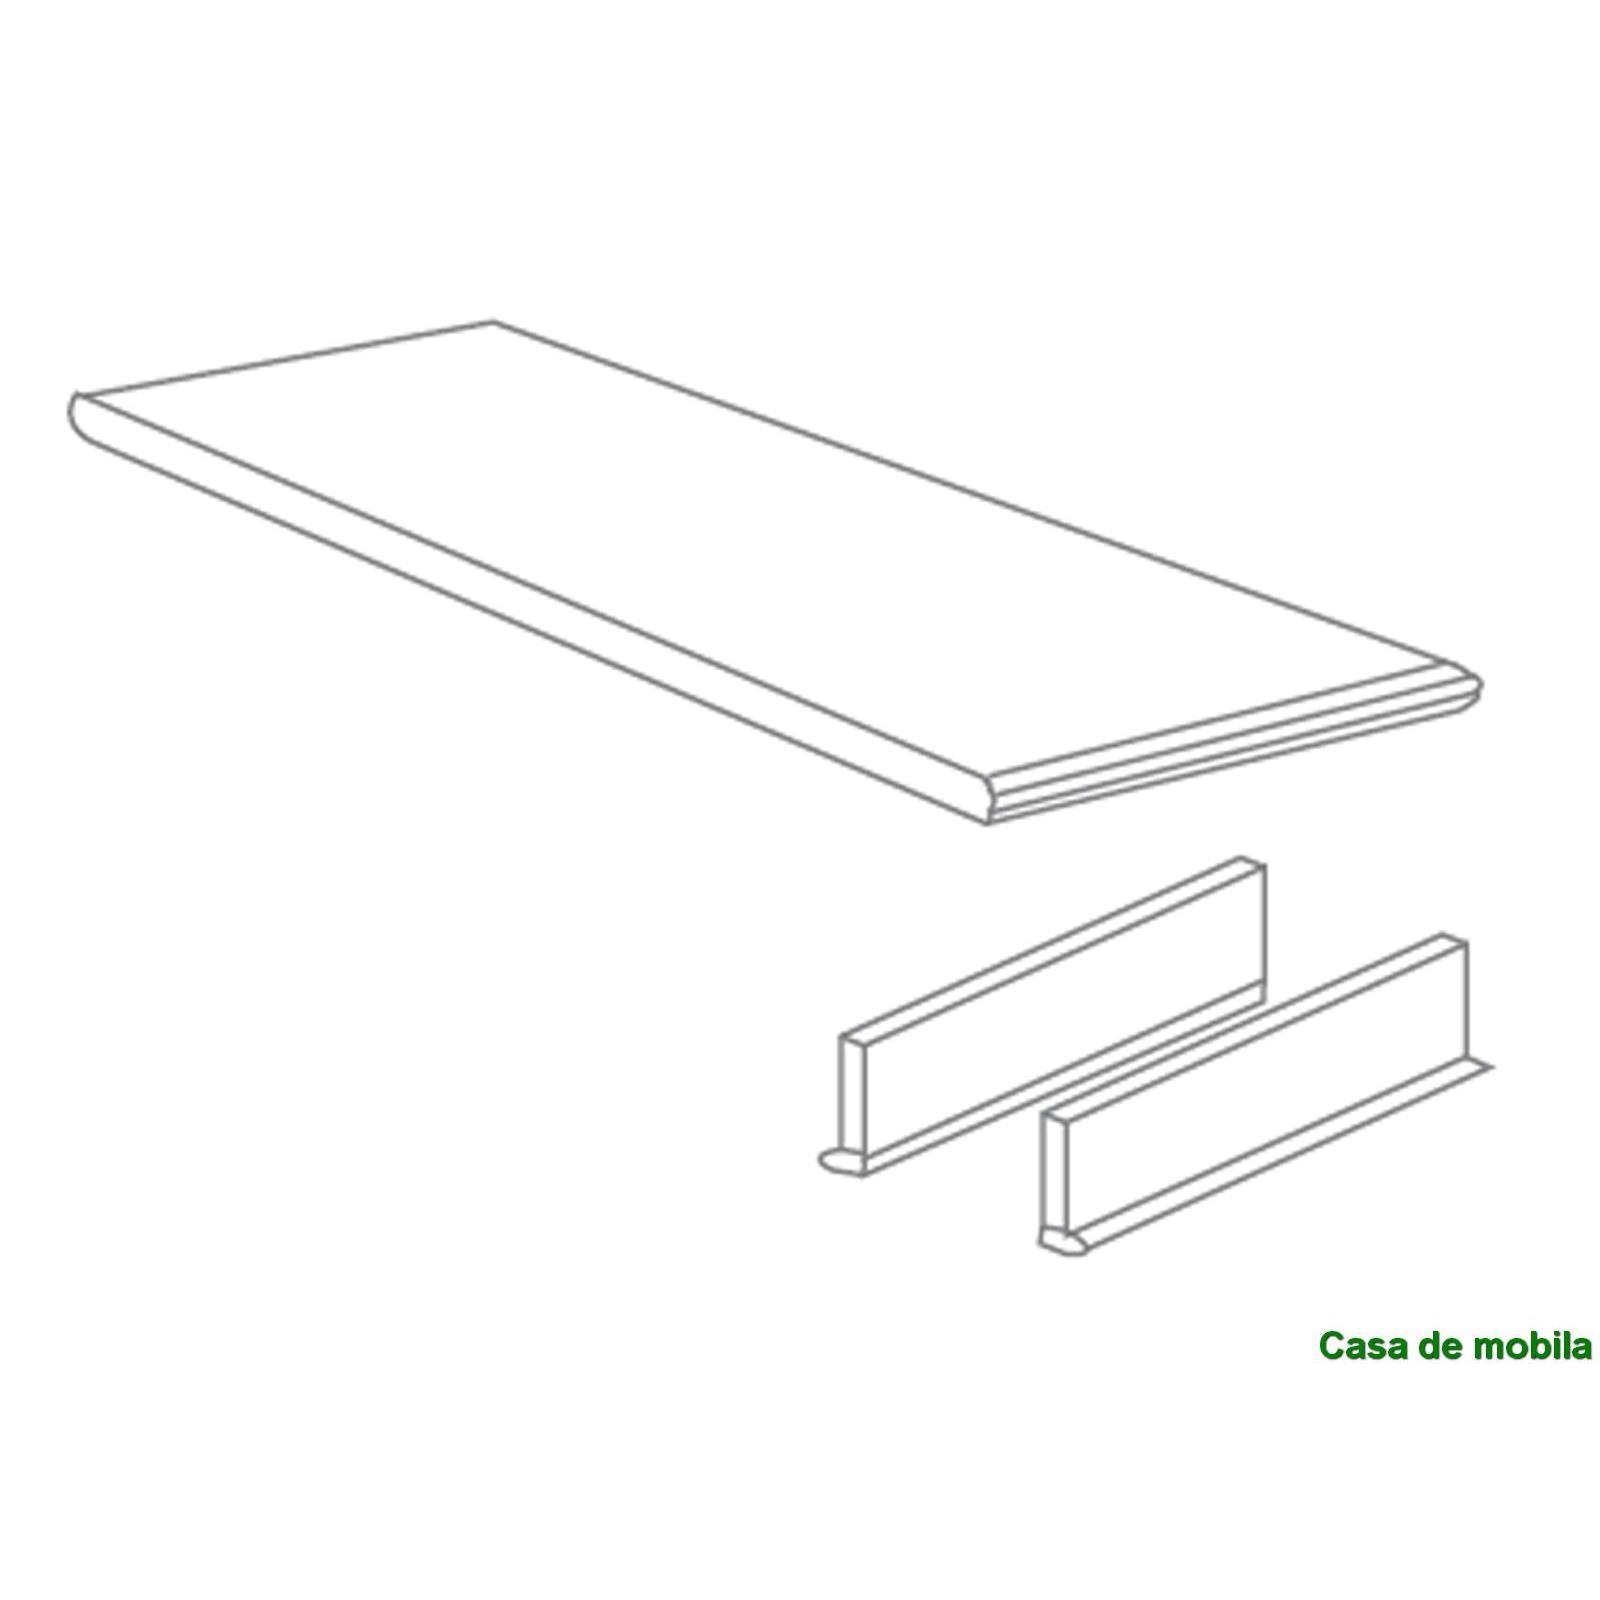 Esstisch Massivholz Rund : Massivholz Esstisch rund Kiefer goldbraun patiniert GÖTEBORG  Tisch [R